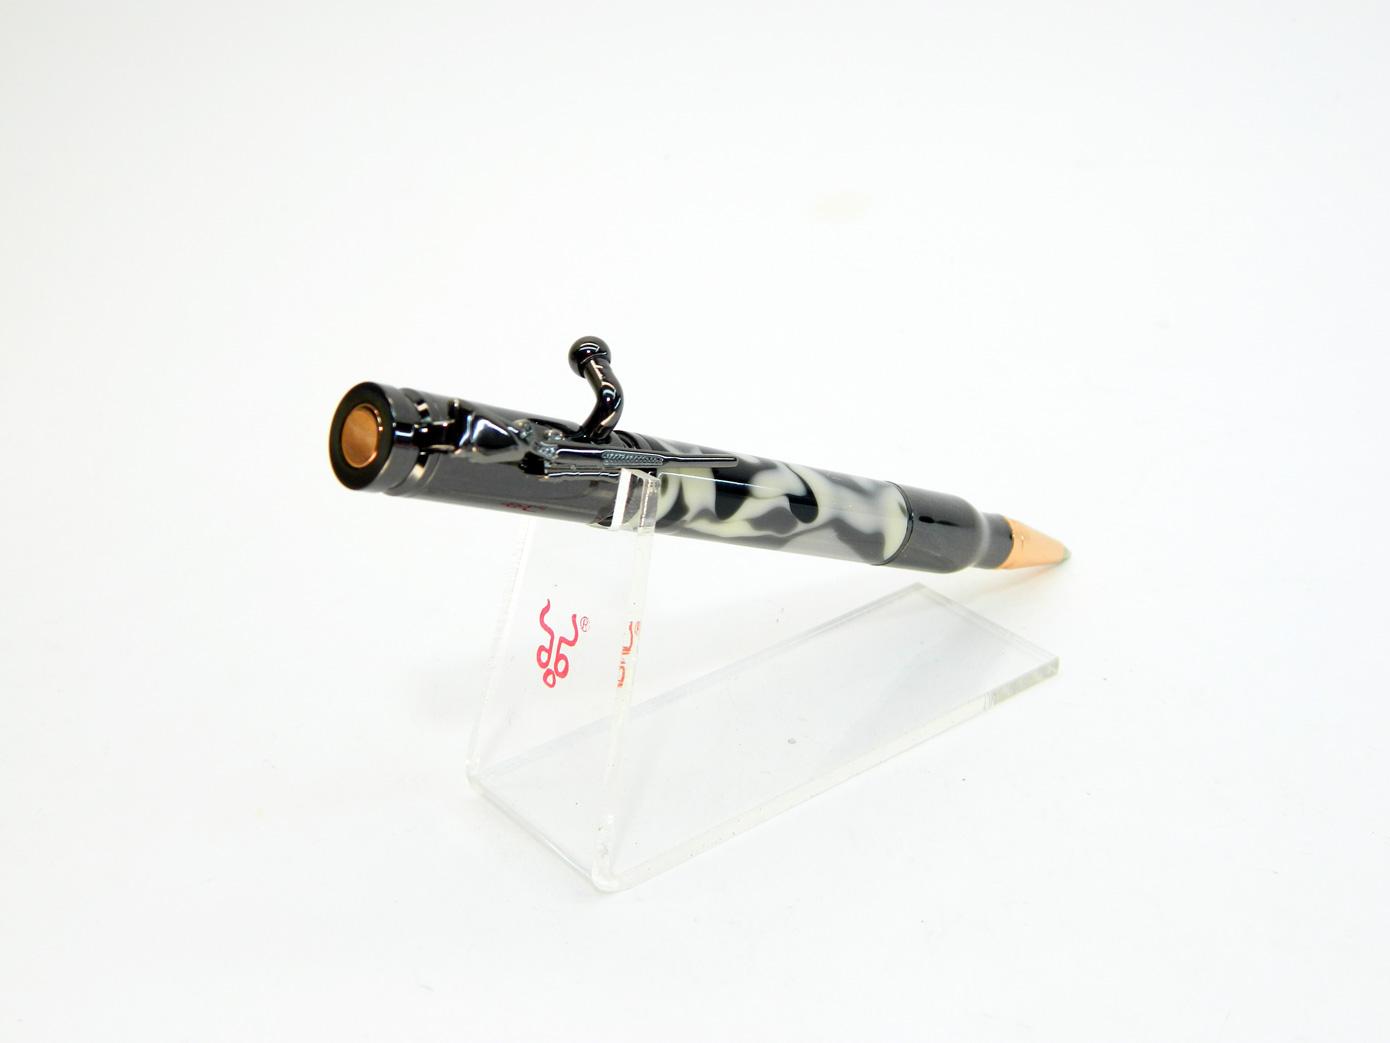 Ручка Bolt Action Acrilic BLCR изображение 0